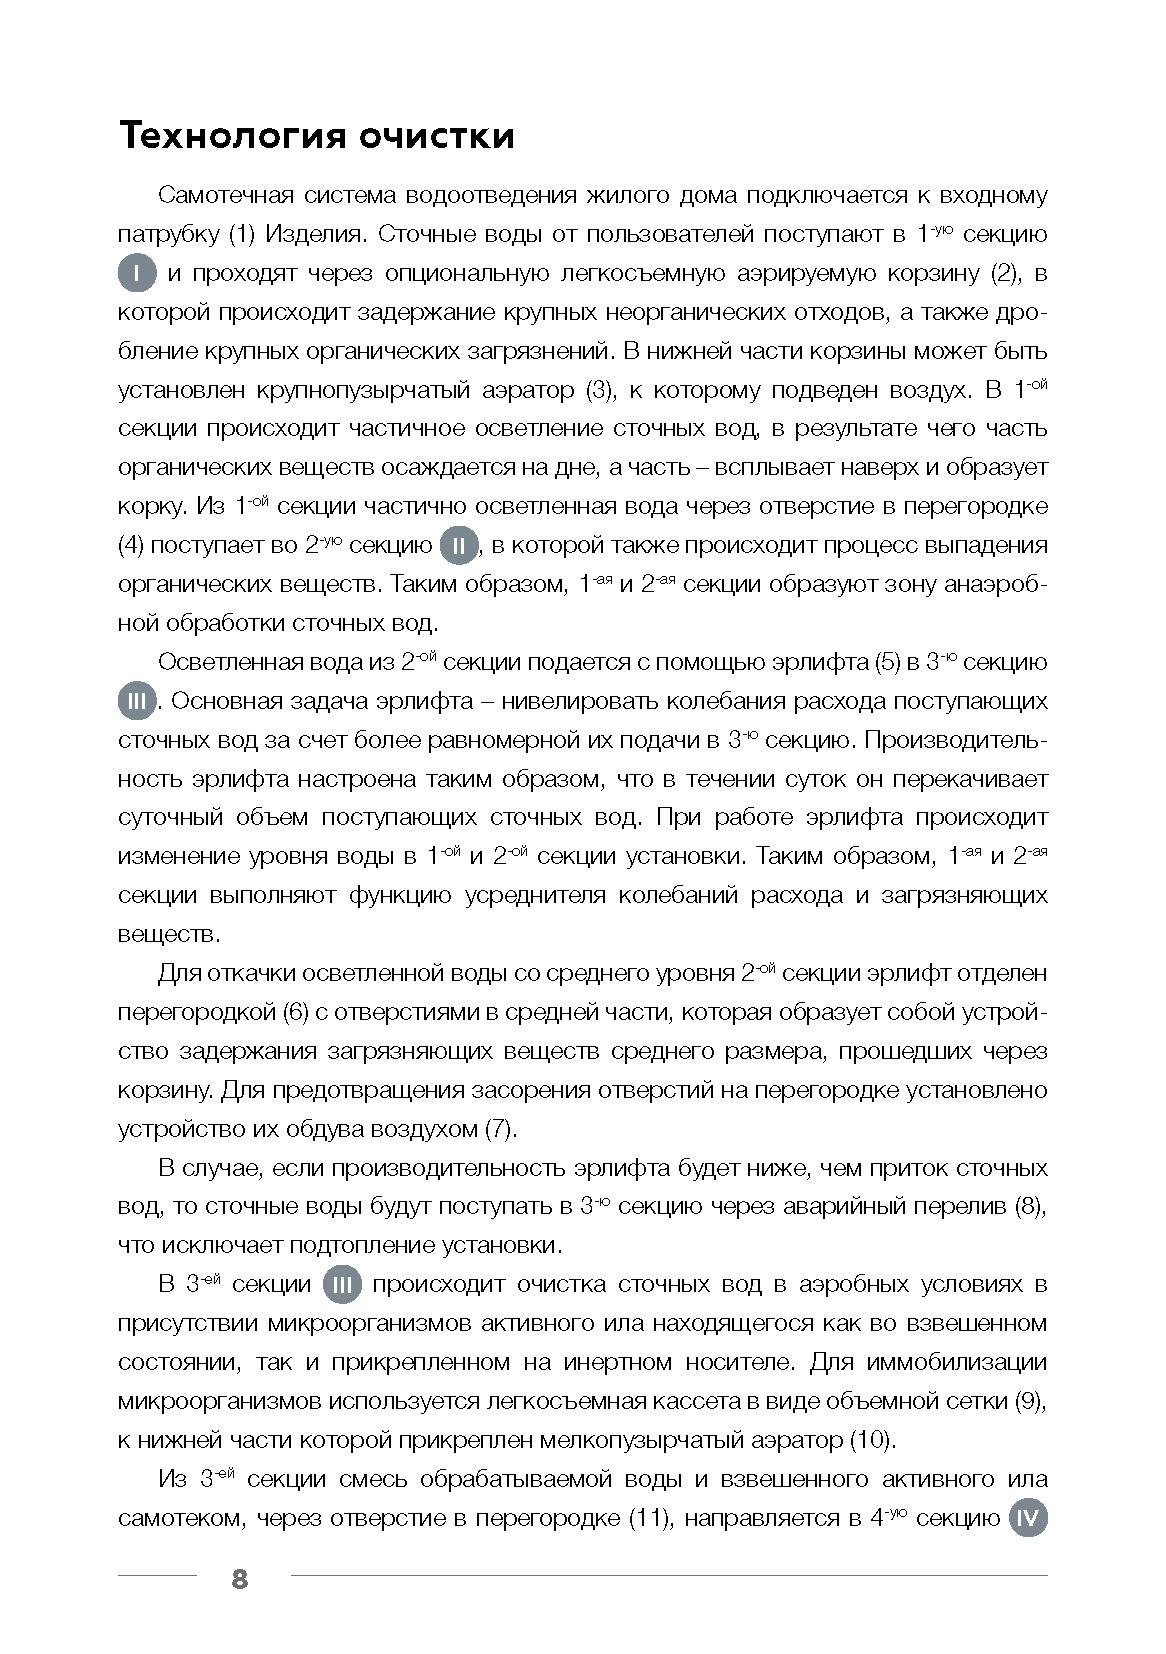 Технический паспорт Евролос Про_Страница_10